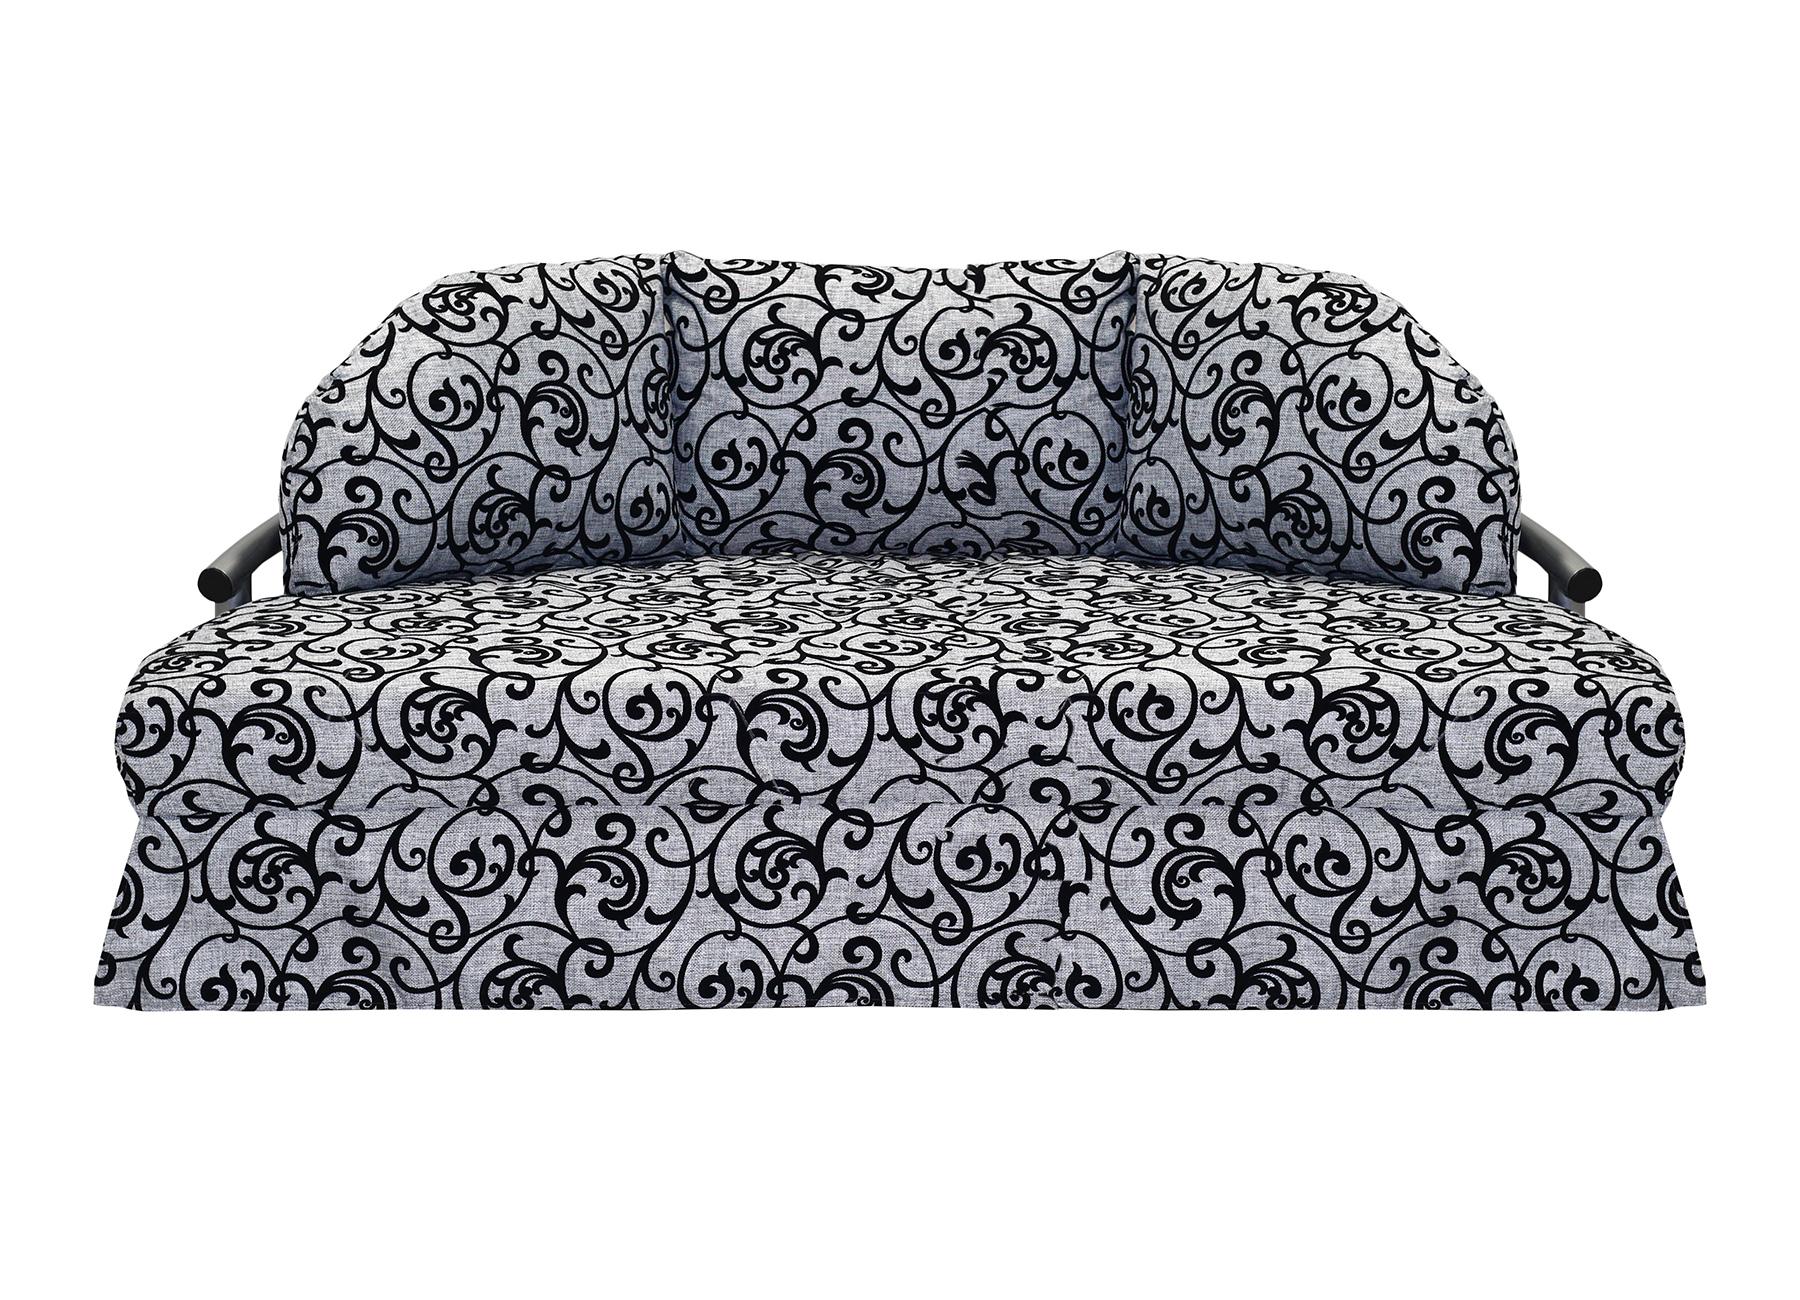 Выкатной диван-кровать Луна диван кровать выкатной в спб недорого из дерева